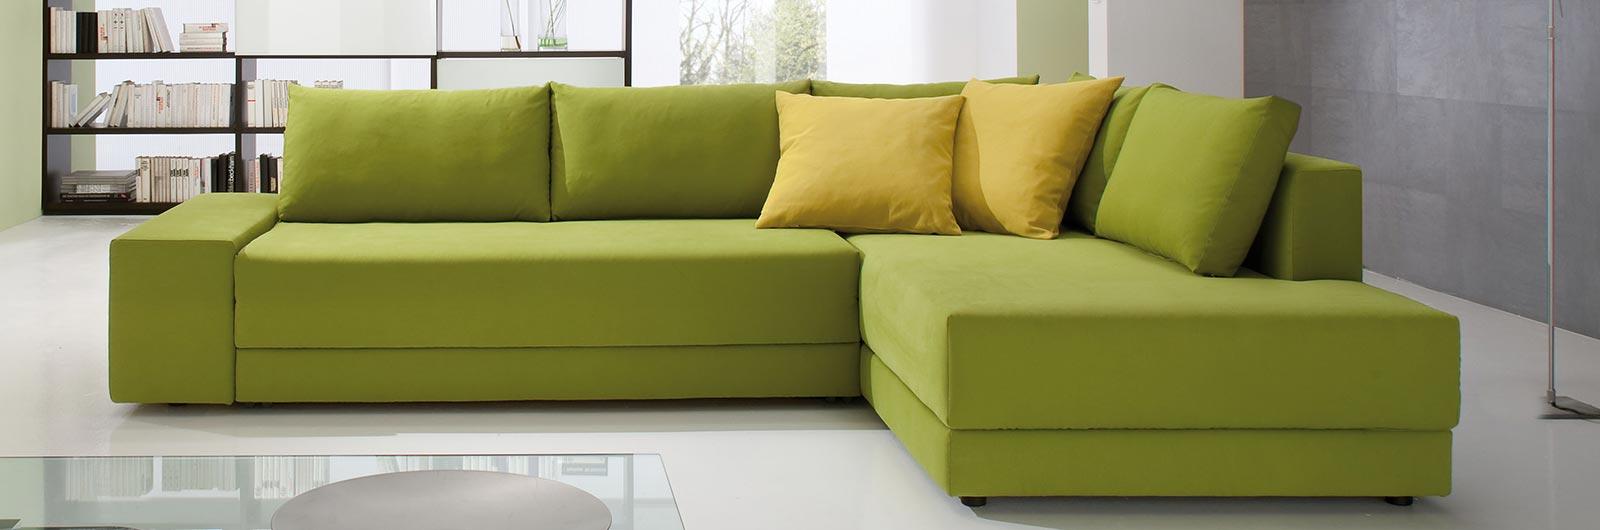 Das CONFETTO Eckschlafsofa mit Gästebettfunktion in 130x230 cm oder 150x230 cm Liegefläche